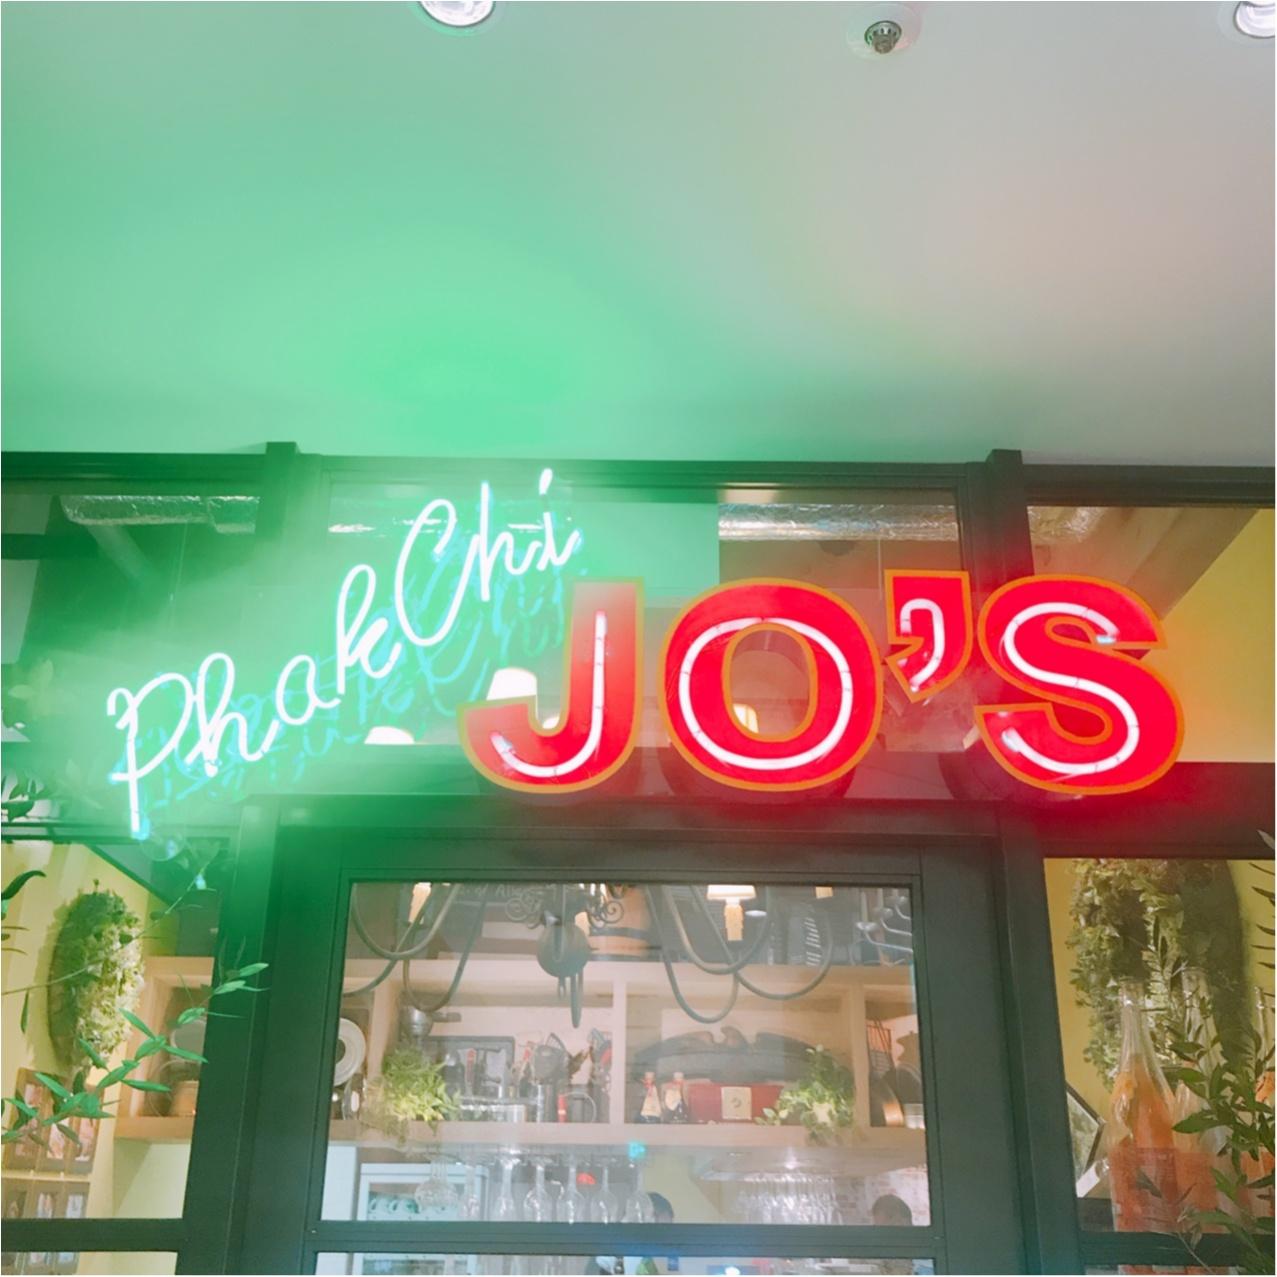 【銀座グルメ】パクチー好き必見♡PHAKCHI JO'S(パクチージョーズ)のパクチー三昧ランチがお得でおいしいっ_2